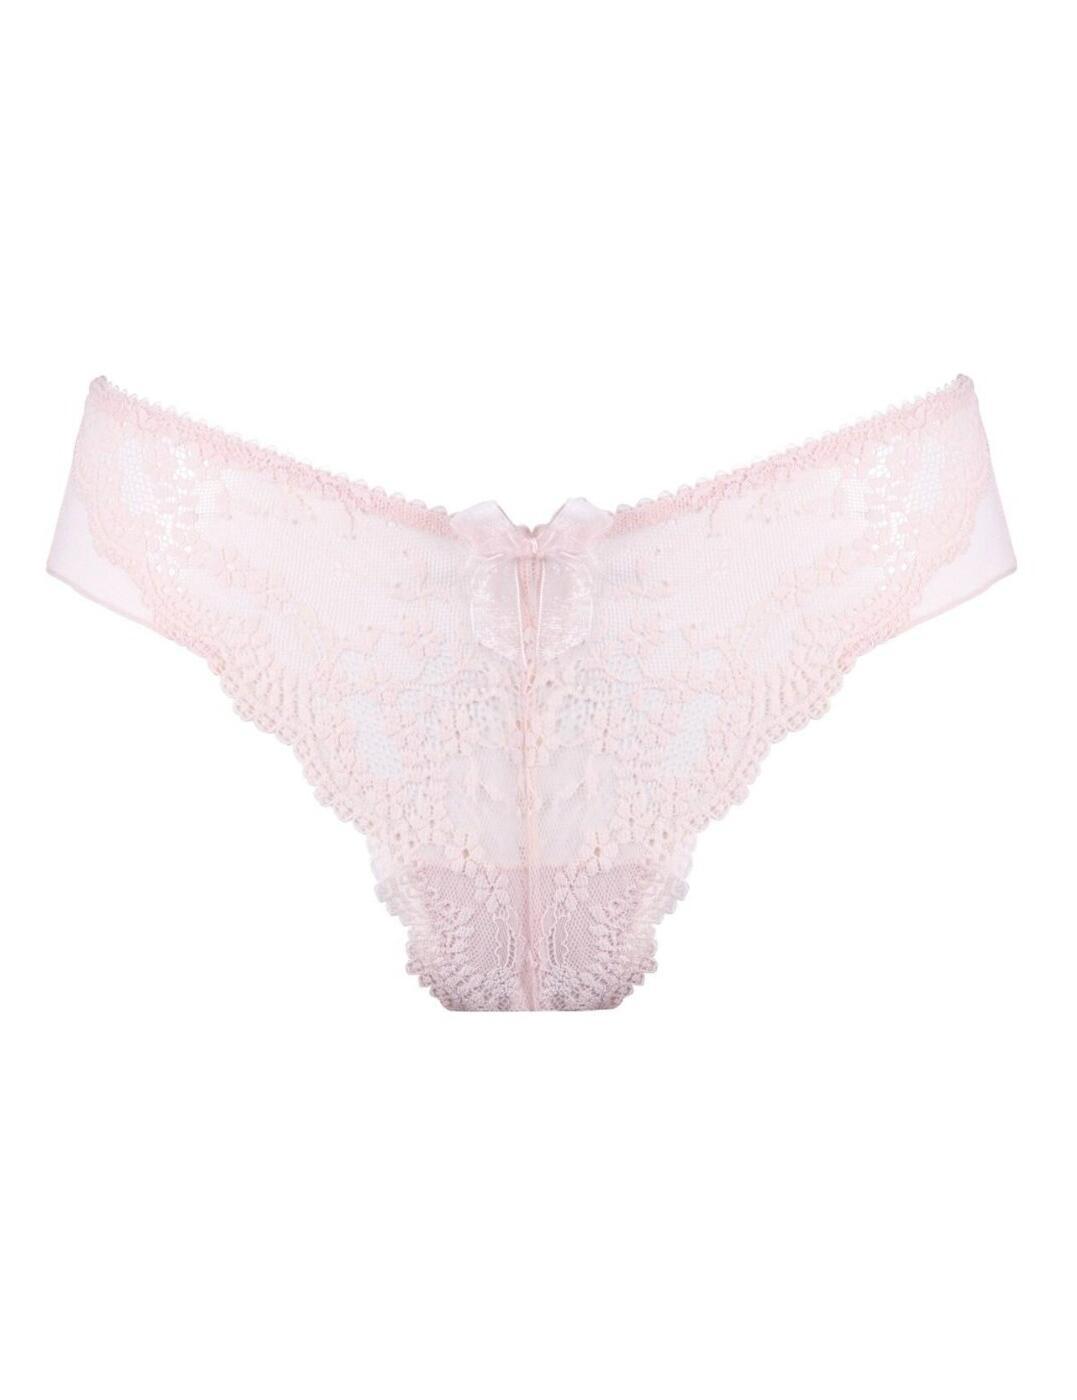 14804 Pour Moi Flora Brazilian Brief - 14804 Soft Pink